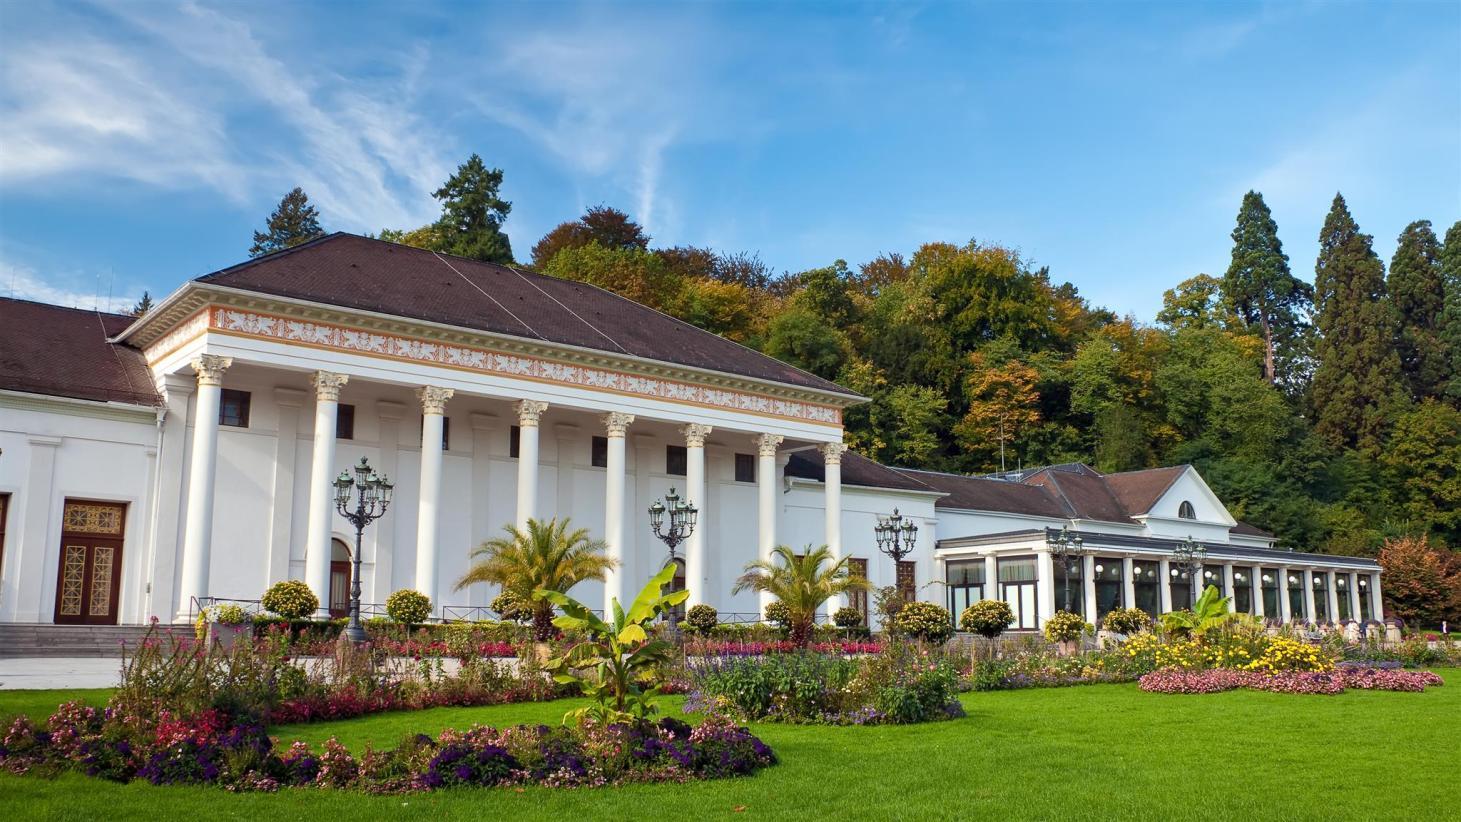 افضل 10 من فنادق بادن بادن المانيا المجربة 2020